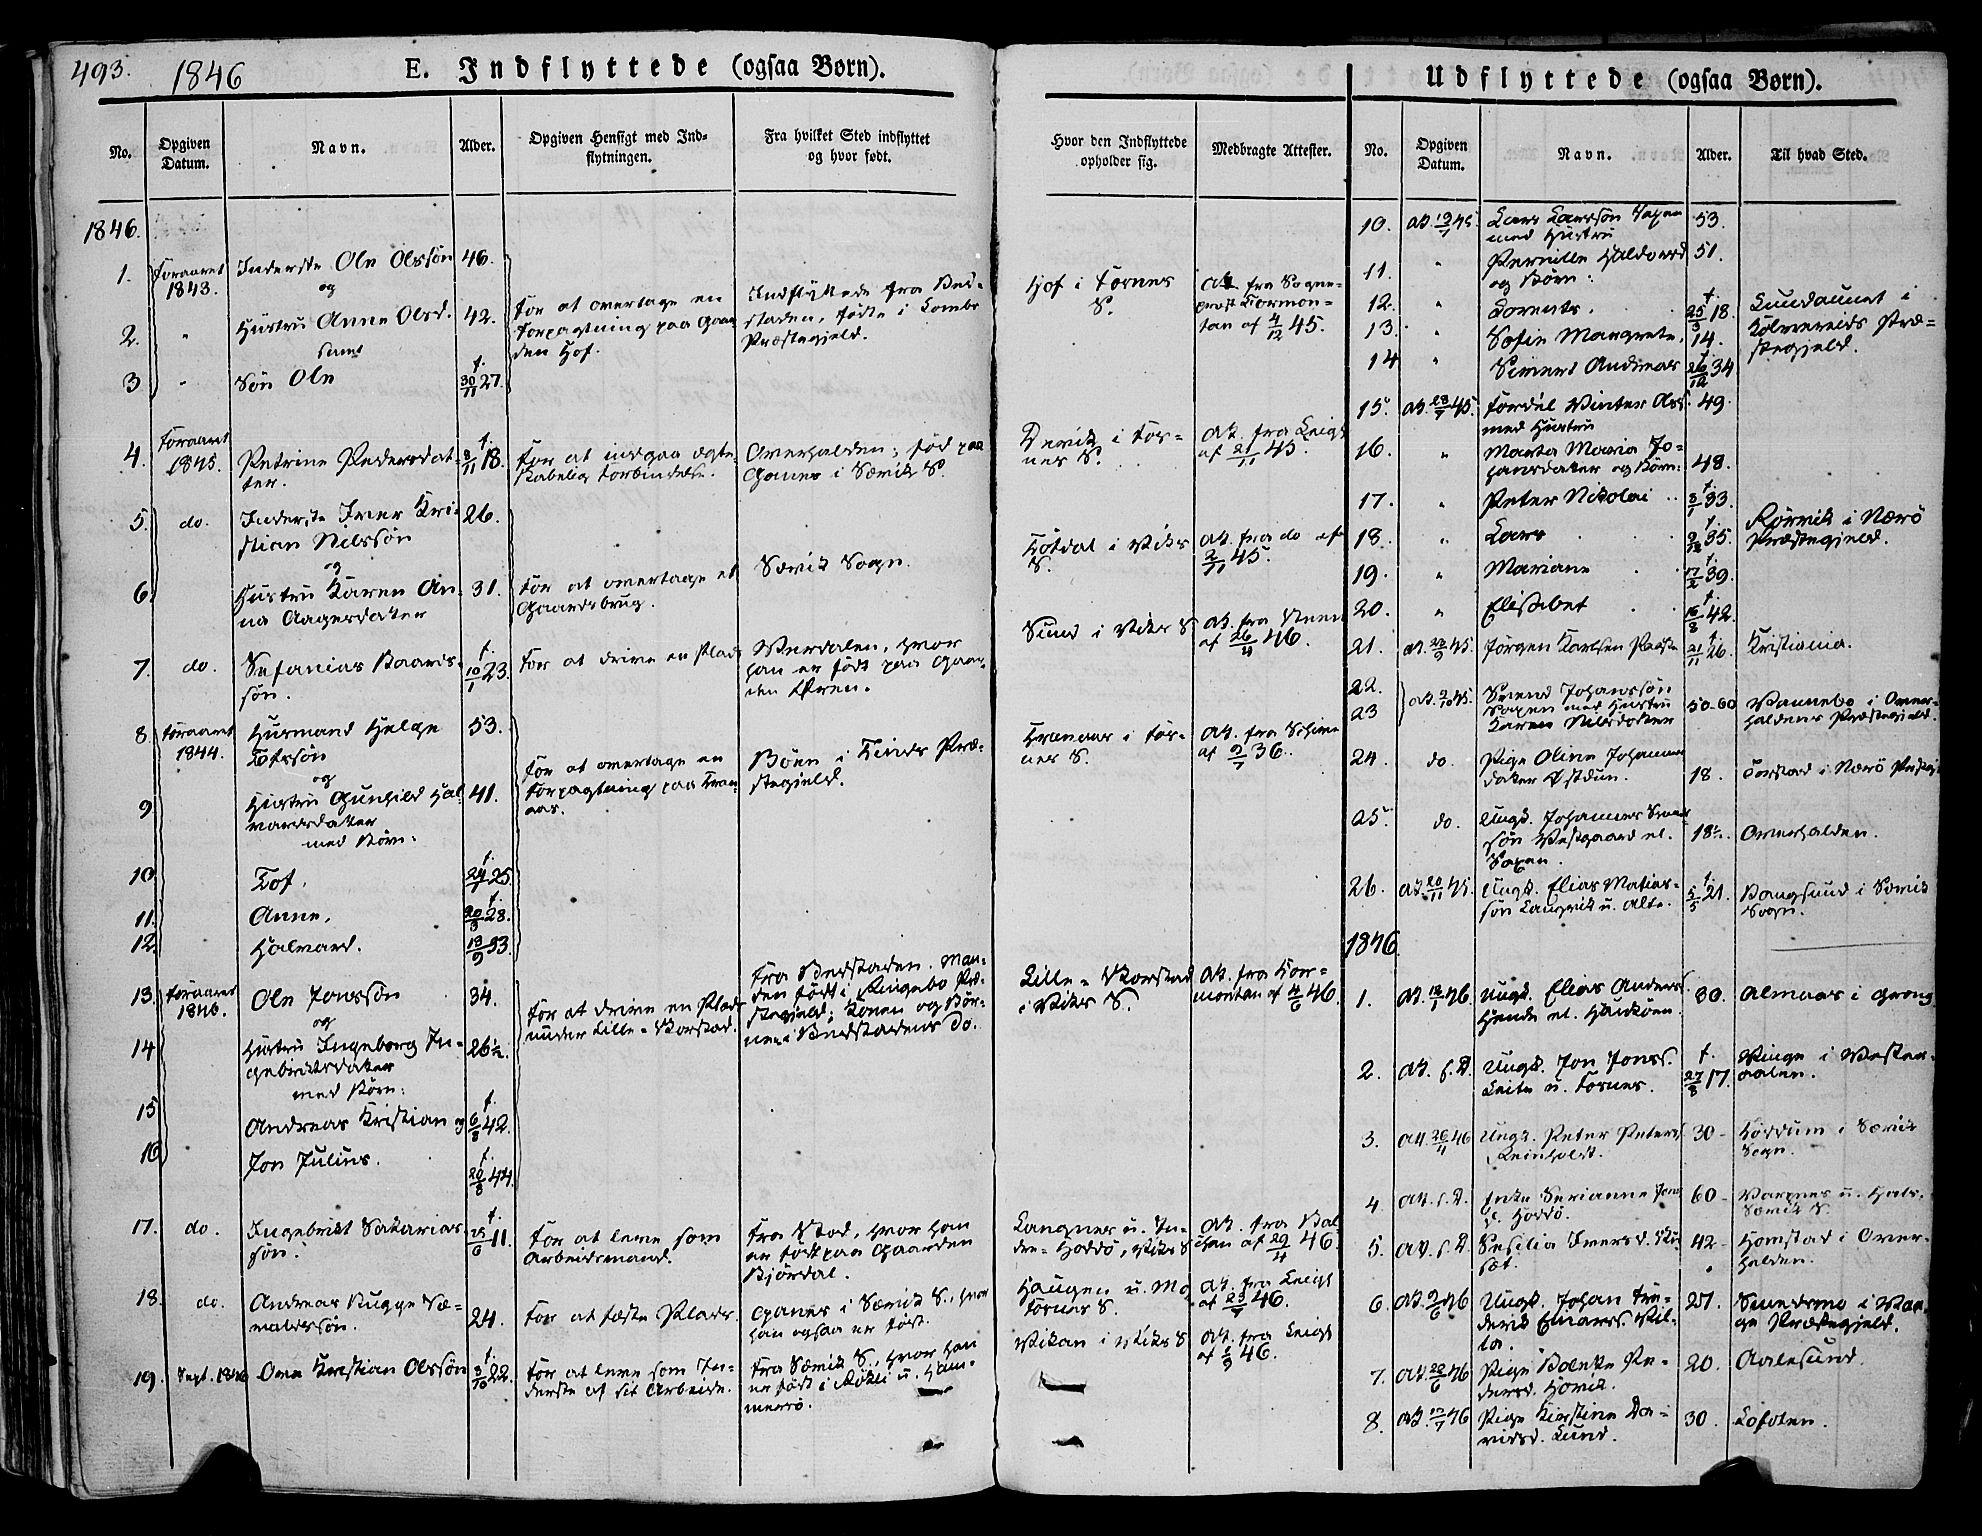 SAT, Ministerialprotokoller, klokkerbøker og fødselsregistre - Nord-Trøndelag, 773/L0614: Ministerialbok nr. 773A05, 1831-1856, s. 493